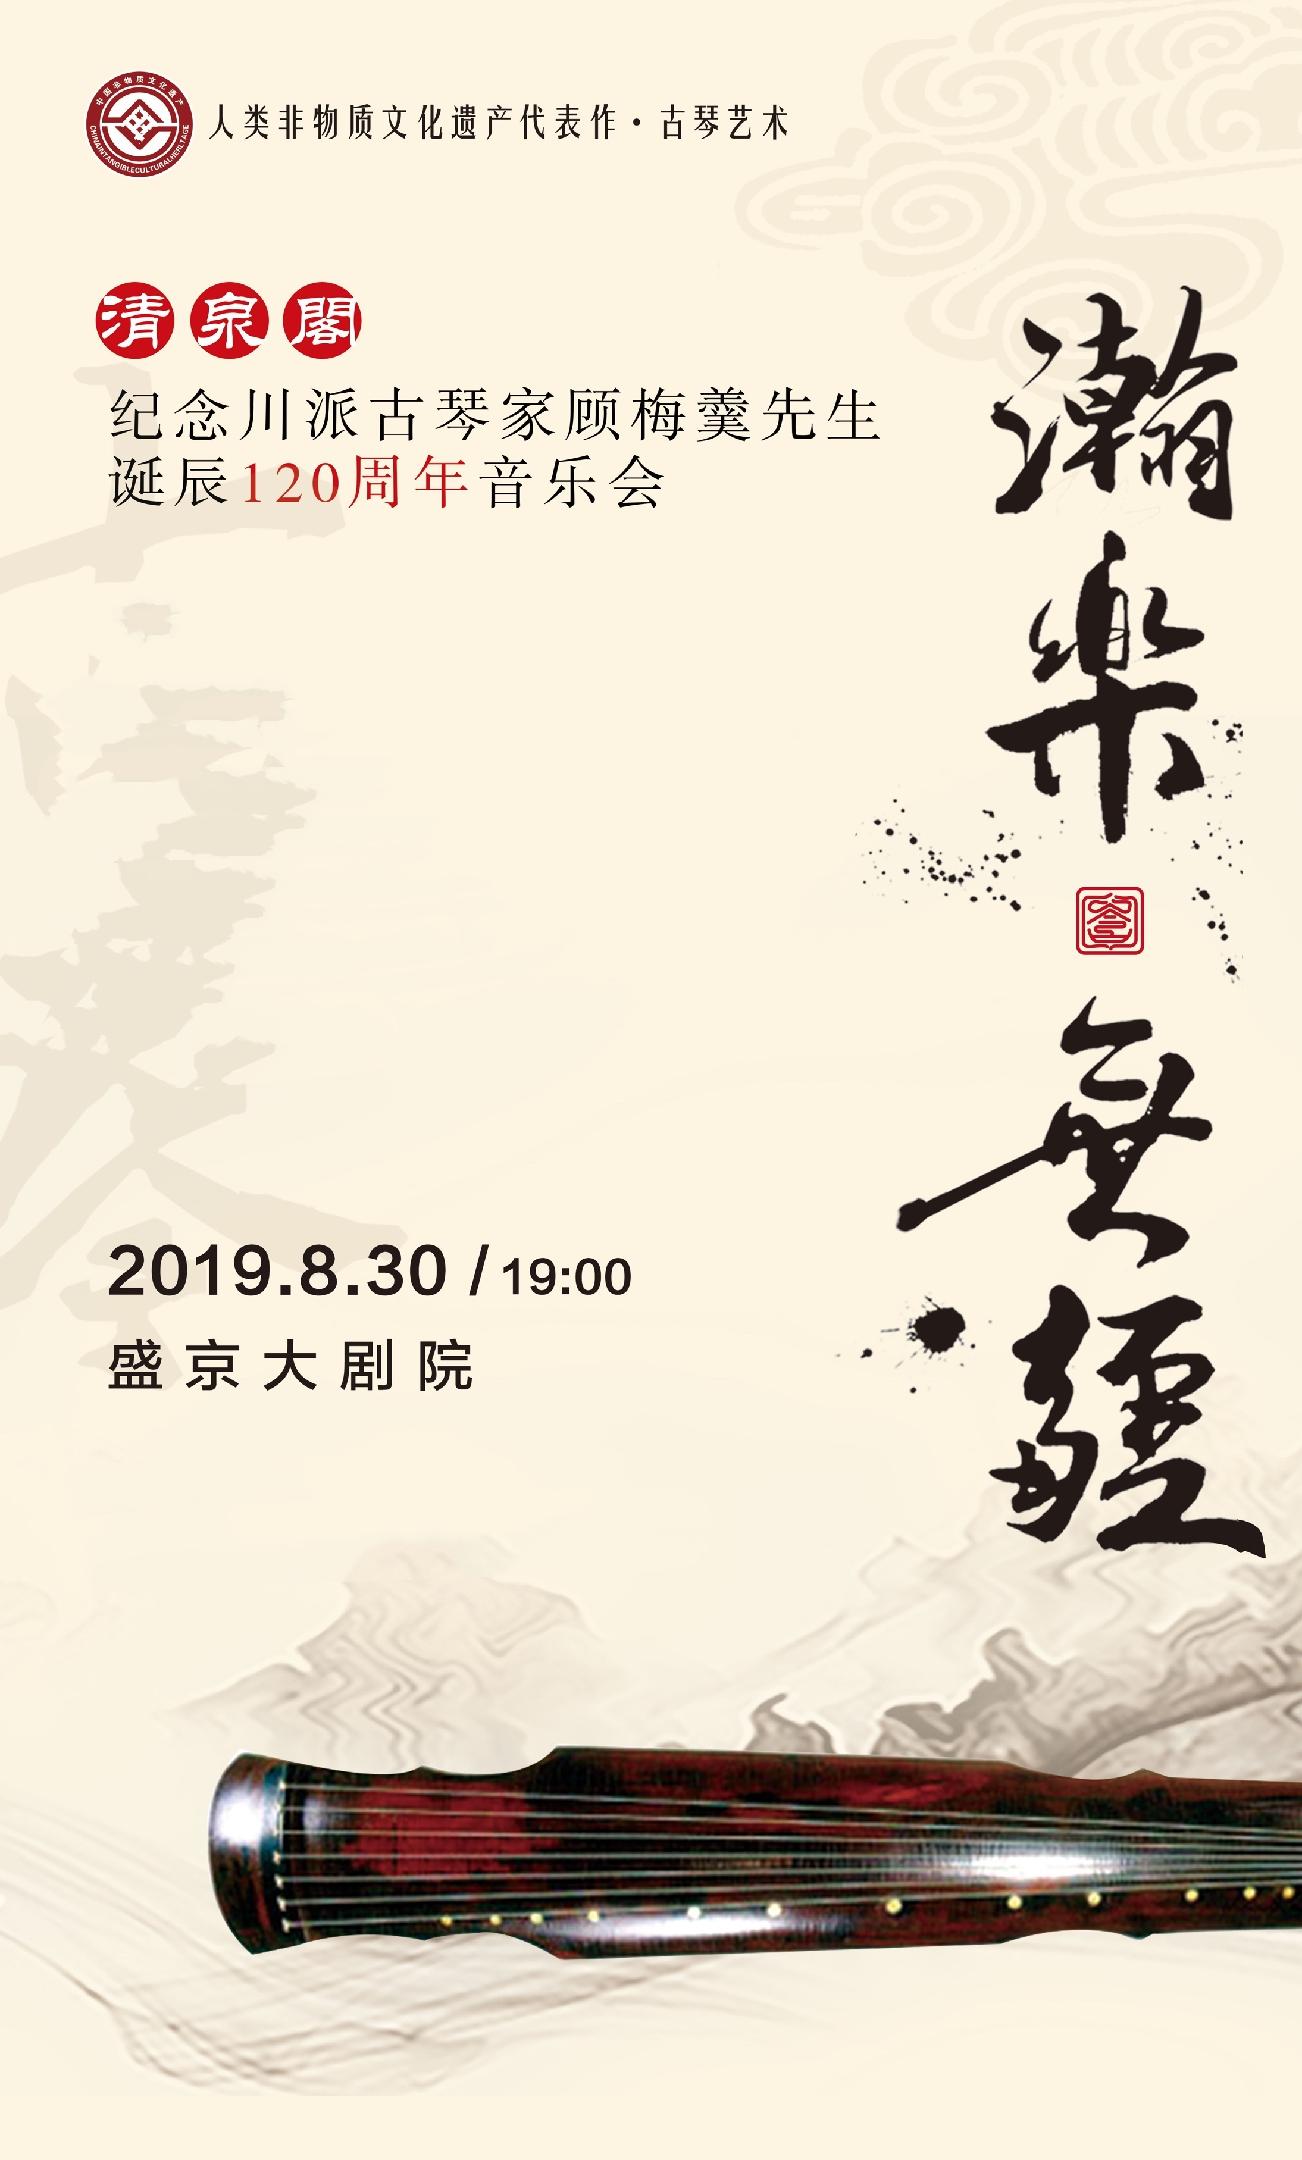 纪念川派古琴家顾梅羹先生诞辰120周年音乐会沈阳站